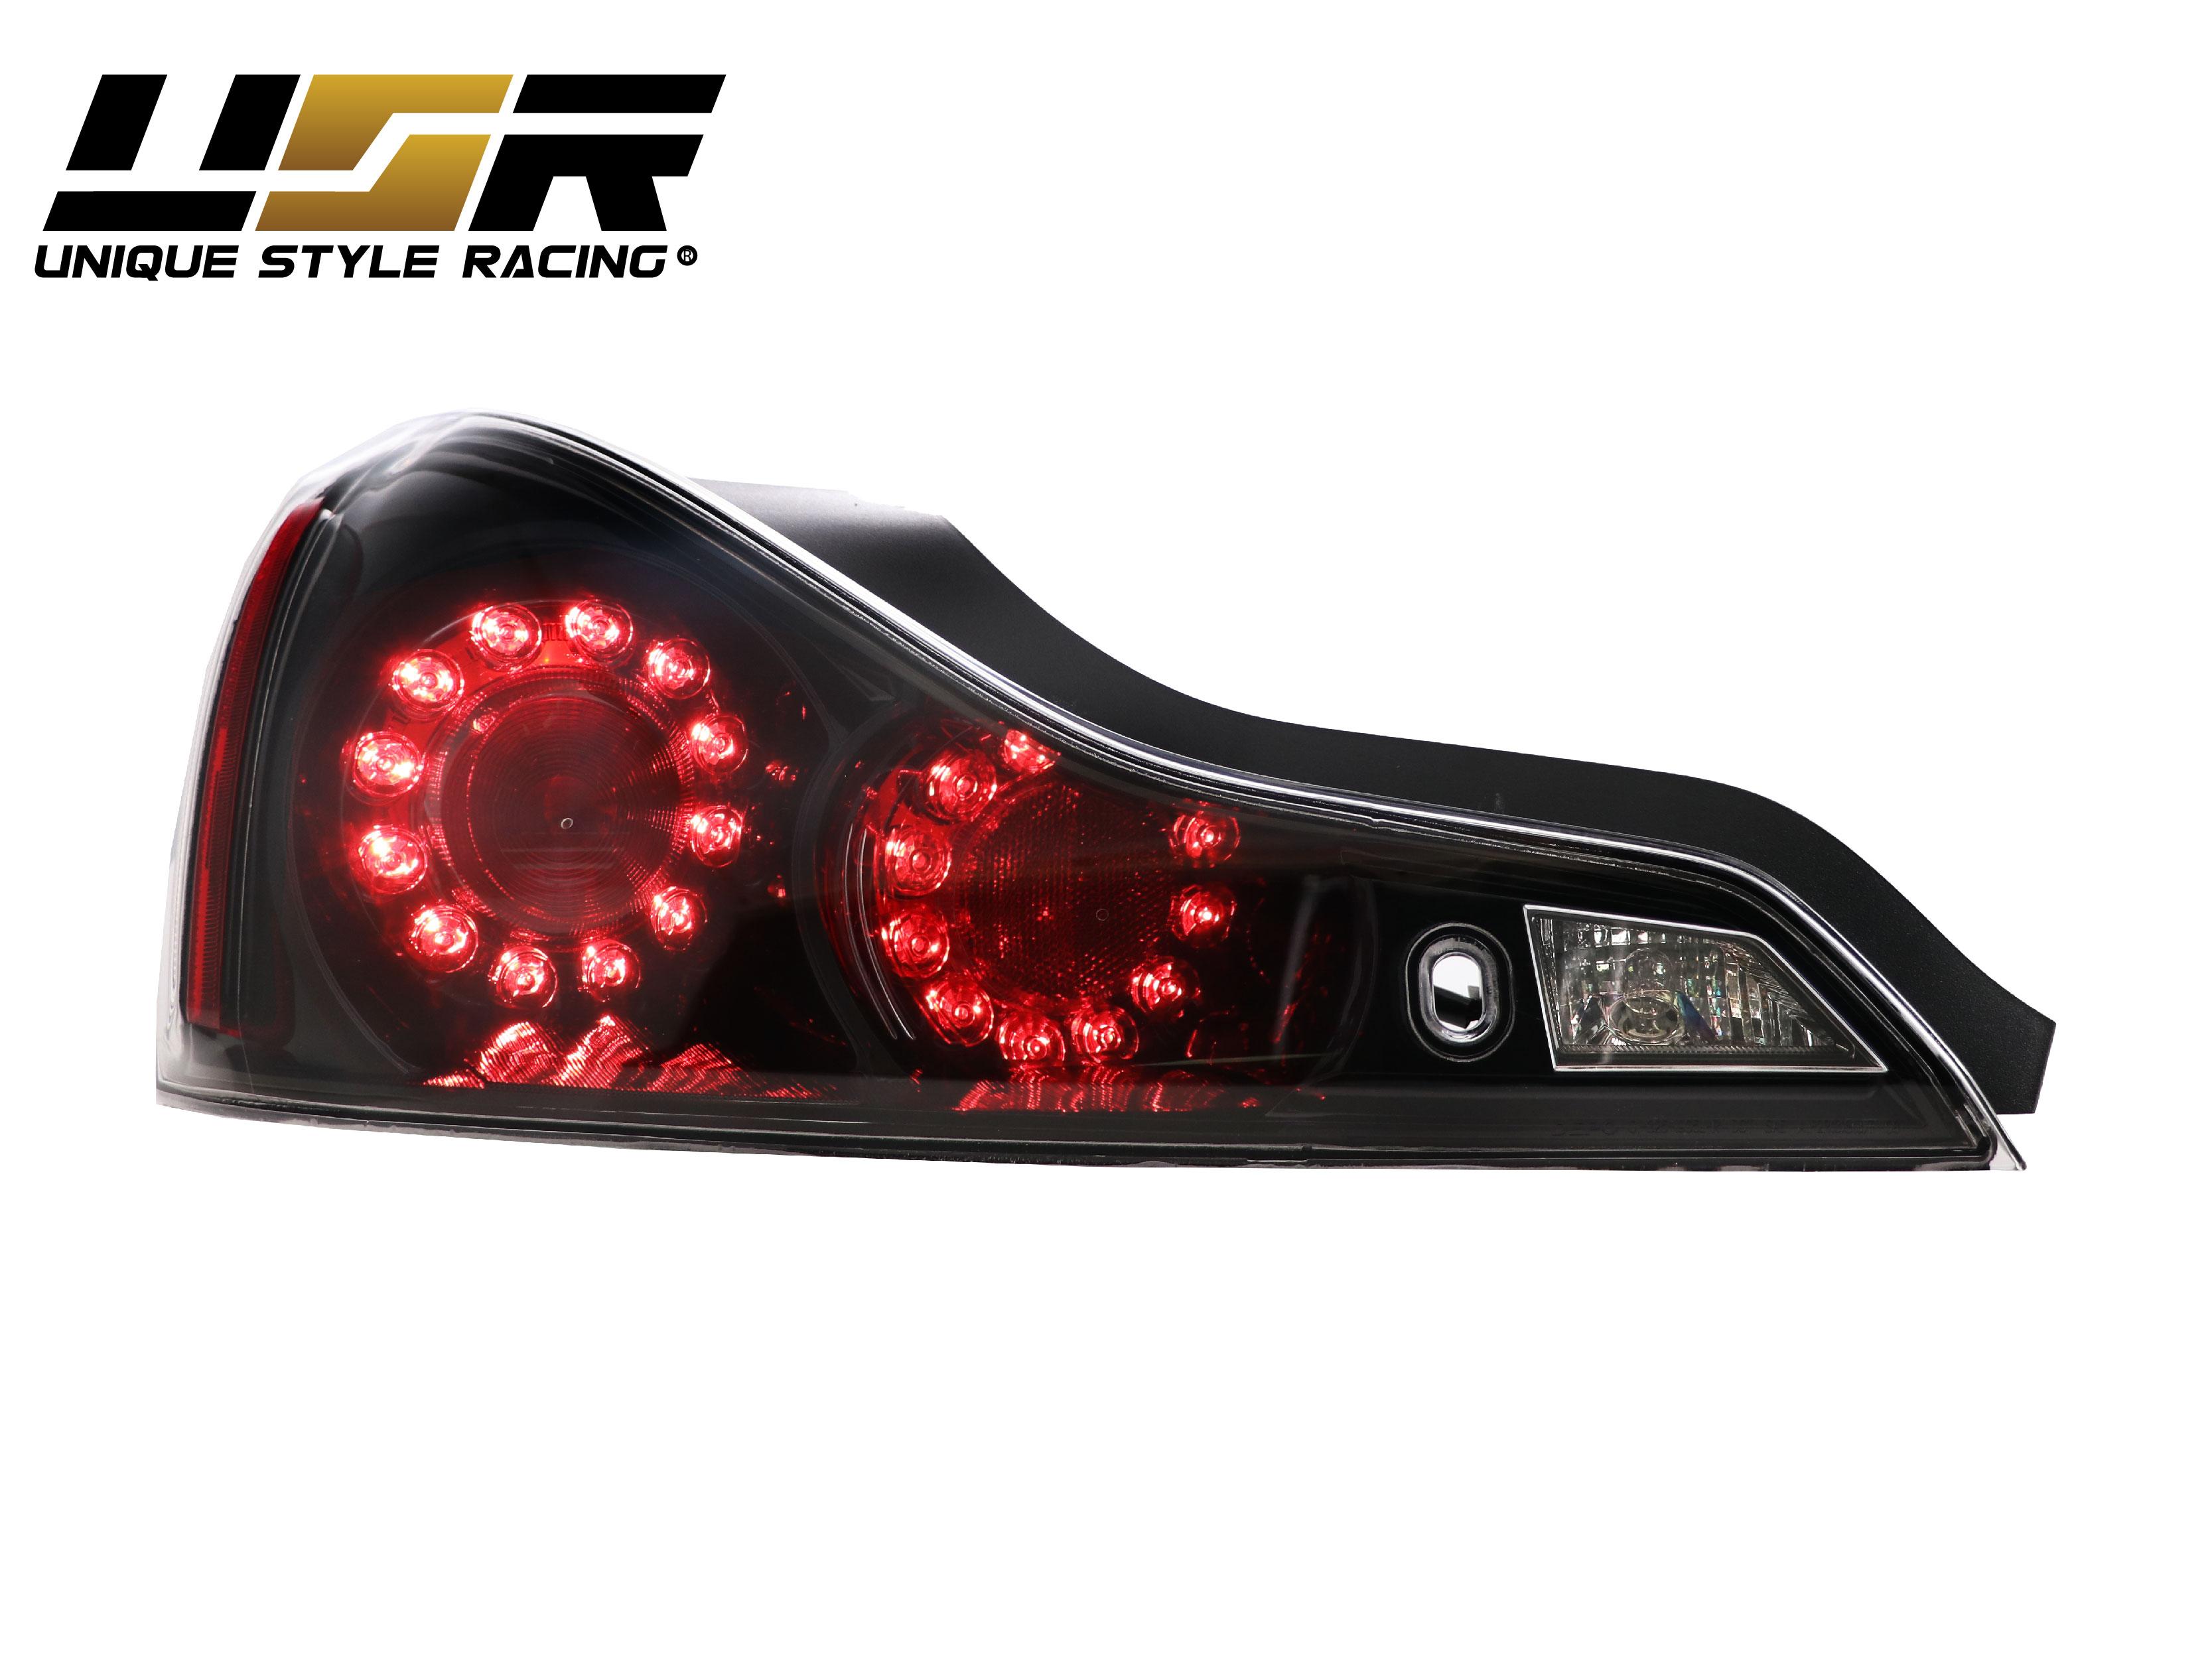 Depo Jdm Black Led Rear Tail Light For 2008 13 Infiniti